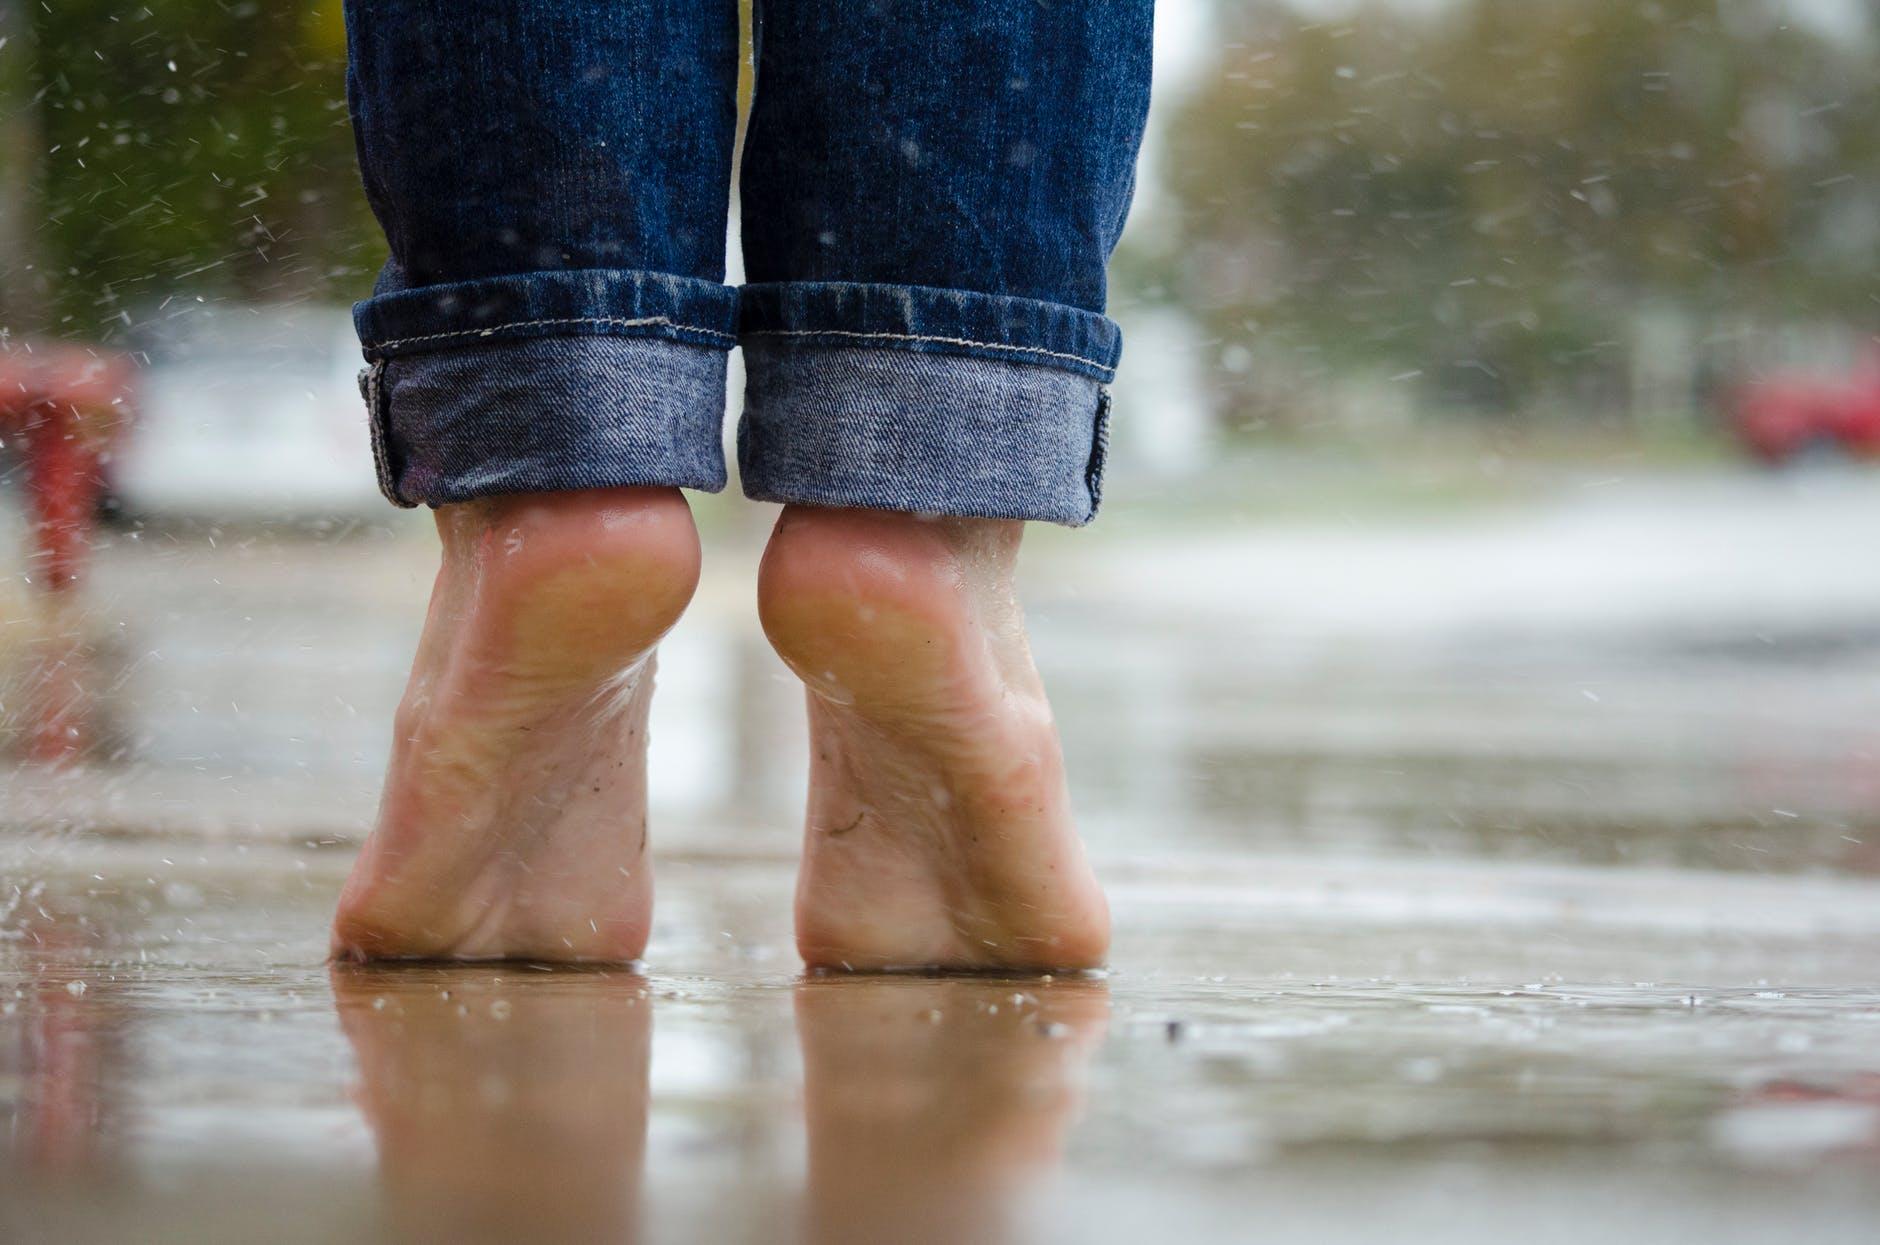 Foot & Plantar Wart Treatment Plus Removal Guide in 2019 | WalkJogRun